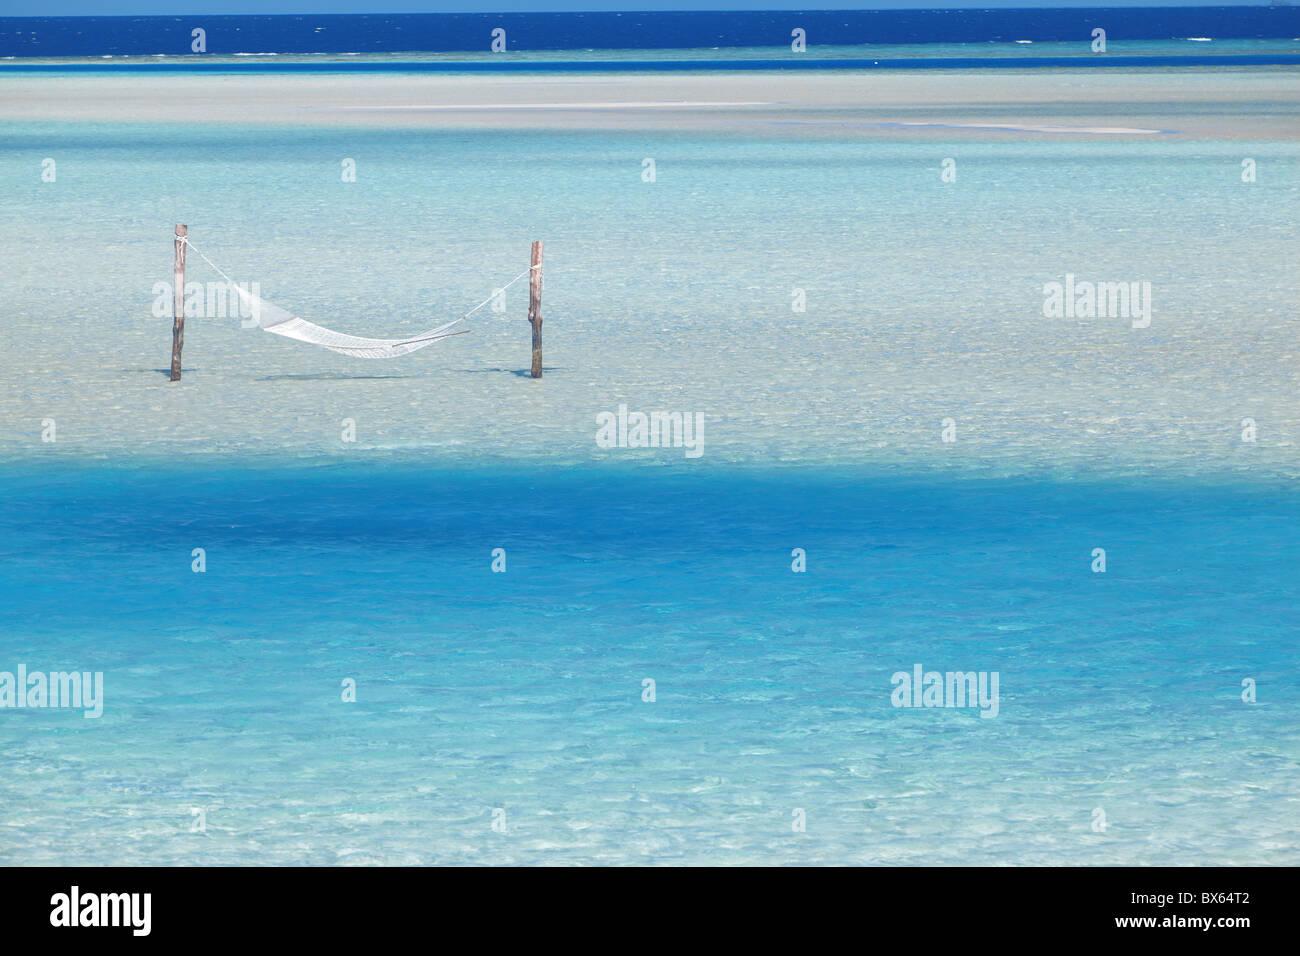 Hamaca colgada en aguas poco profundas aguas claras, Maldivas, Océano Índico, Asia Imagen De Stock